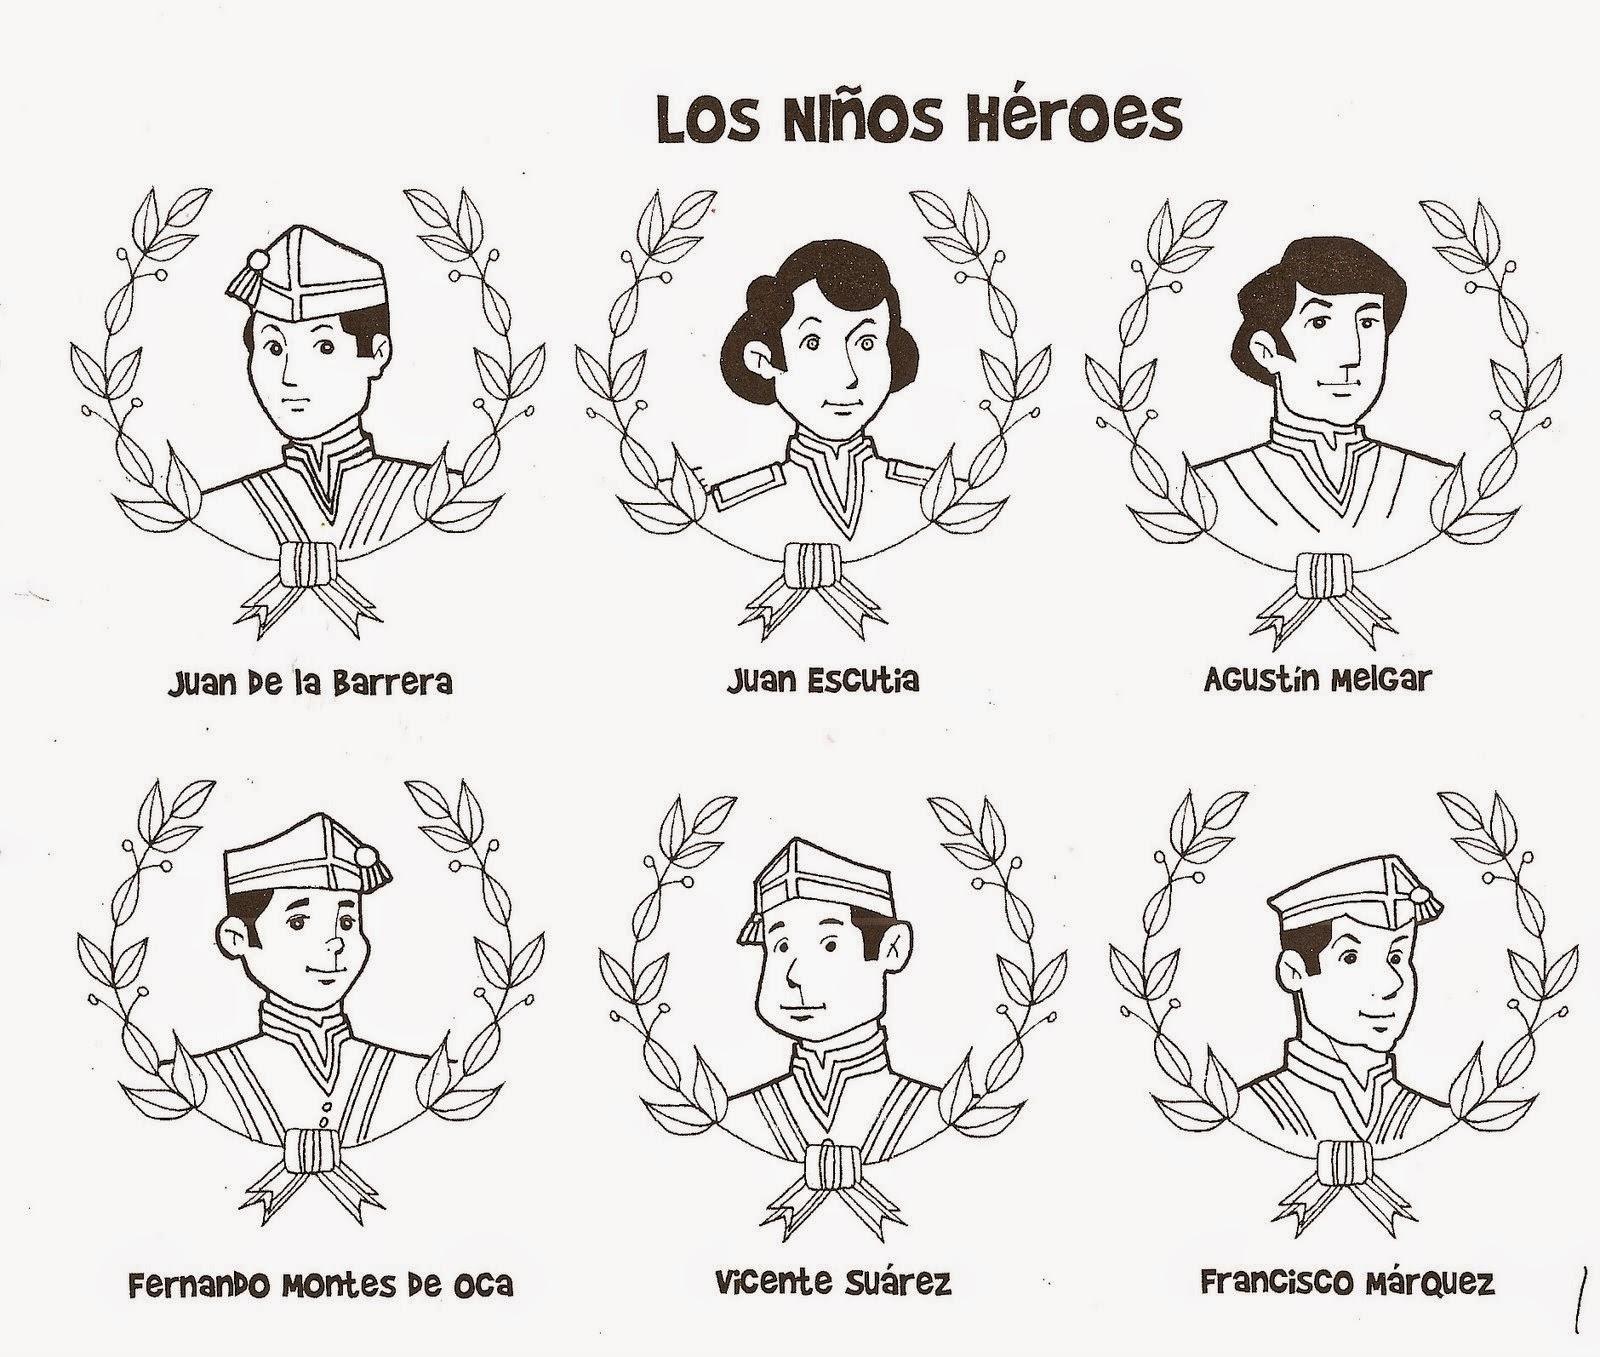 Los Niños Héroes Para Colorear Colorear Dibujos Infantiles